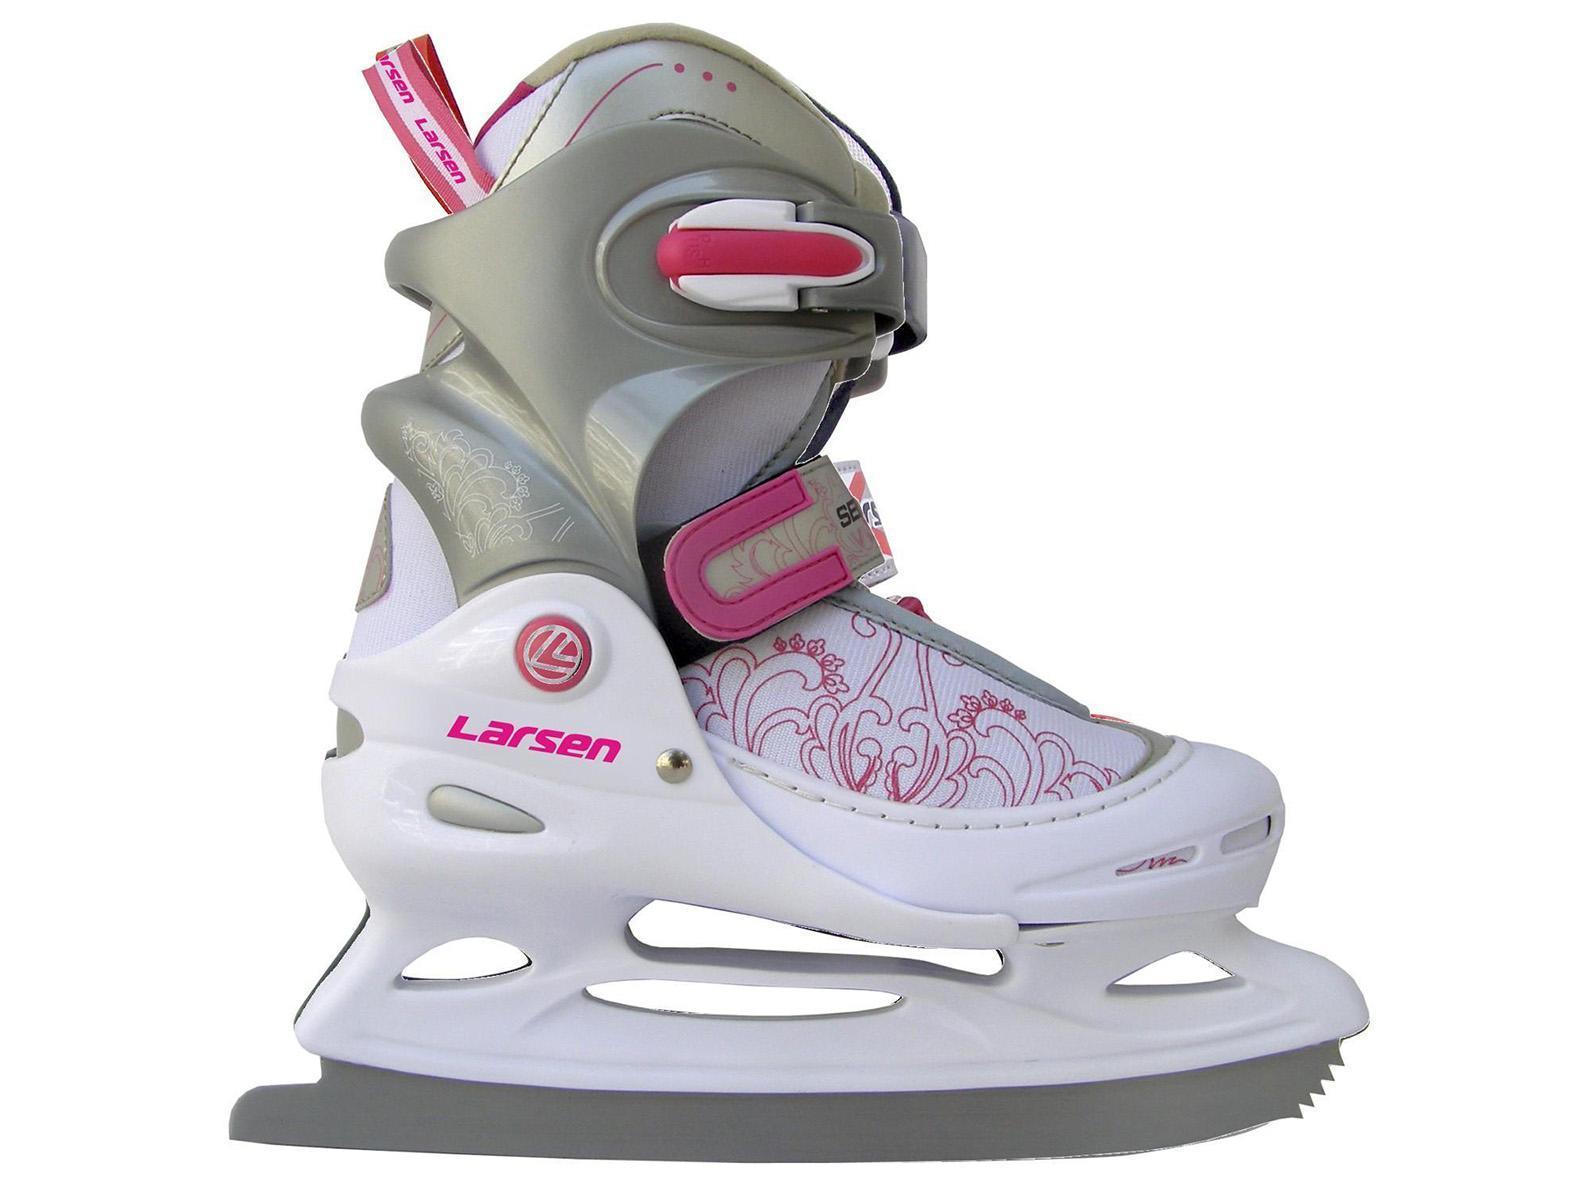 Коньки ледовые детские Larsen, раздвижные, цвет: серый, розовый, белый. Liberty 2014-2015. Размер 30/33Larsen Liberty 2014-2015 White-Grey-PinkПрогулочные коньки для свободного катания на льду. В коньках используются морозоустойчивые материалы повышенной прочности.